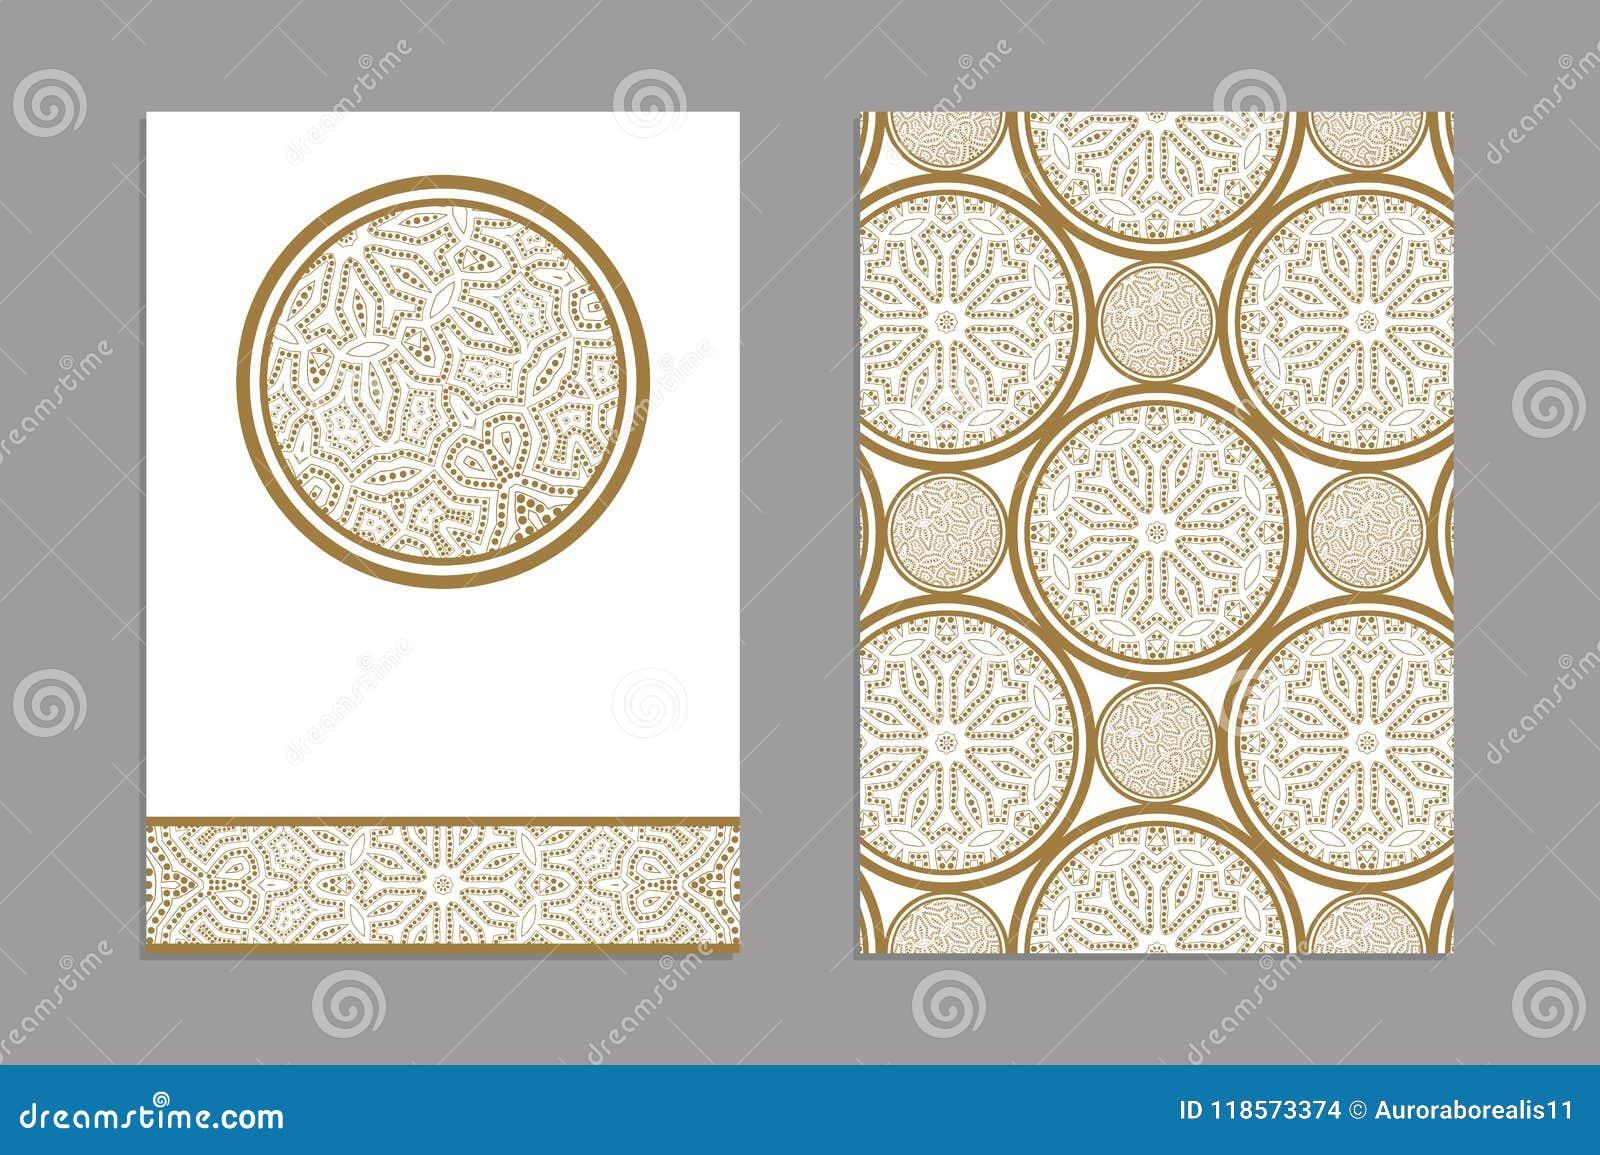 Calibres Pour Des Cartes De Visite Professionnelle Salutation Et Brochures Couvertures Avec Motifs Floraux Modele Oriental Mandala